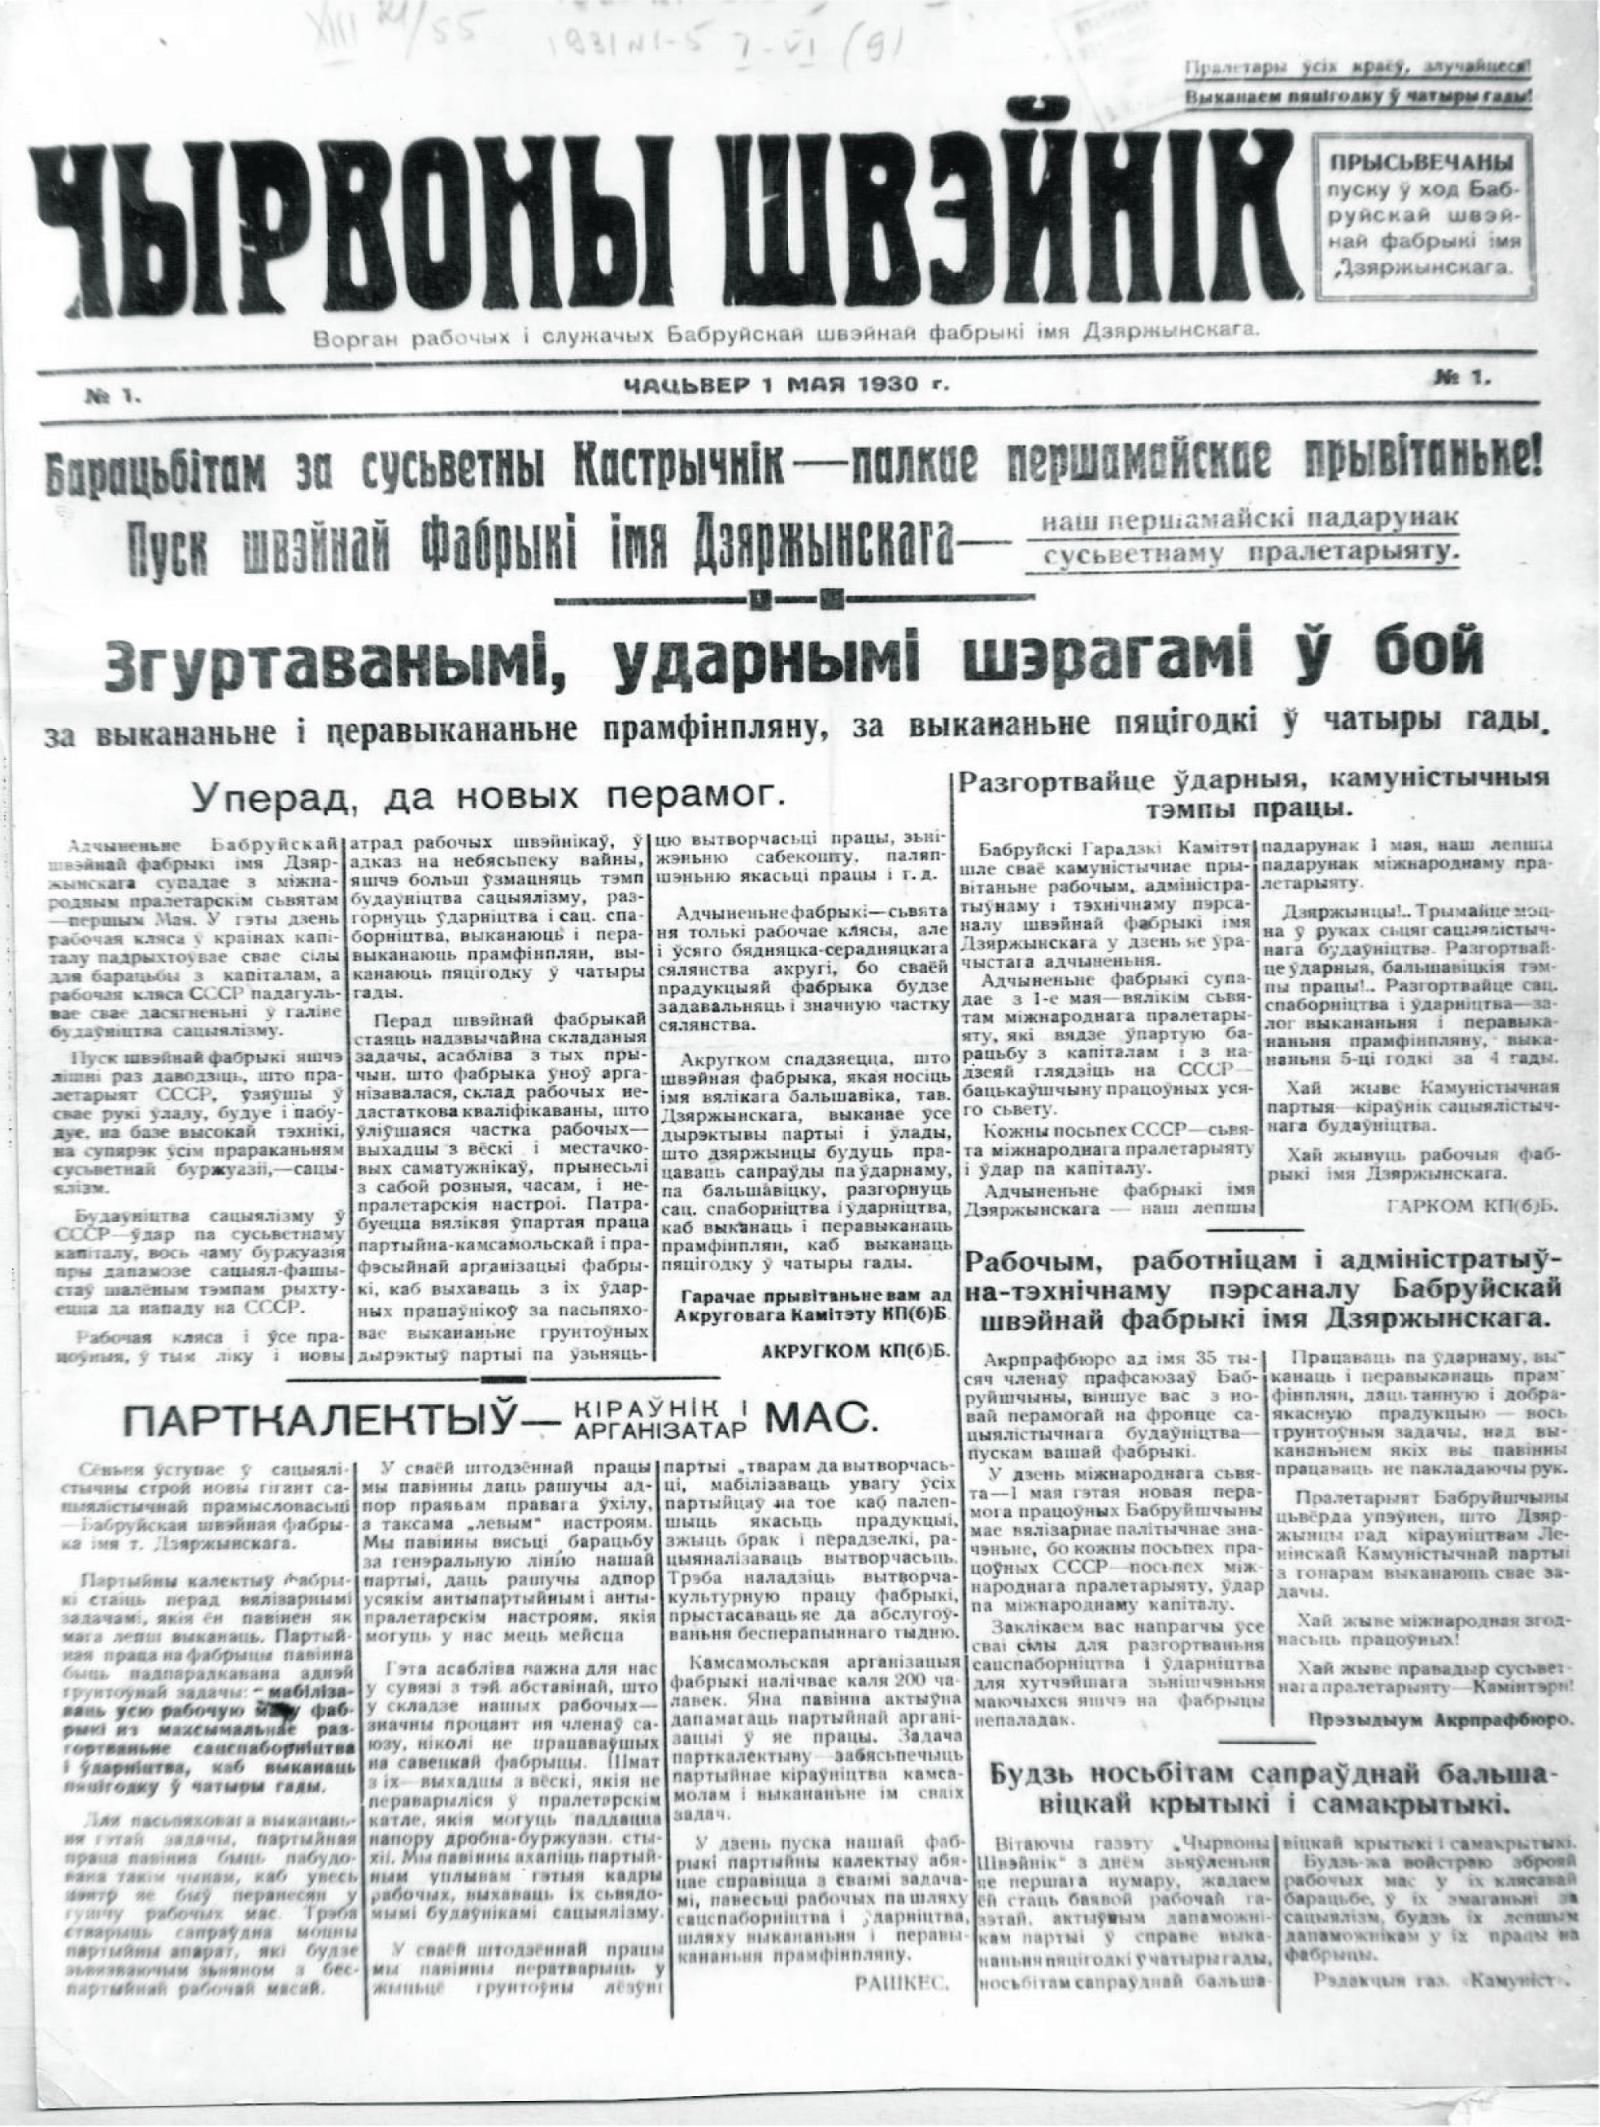 Славянка и Дзержинский